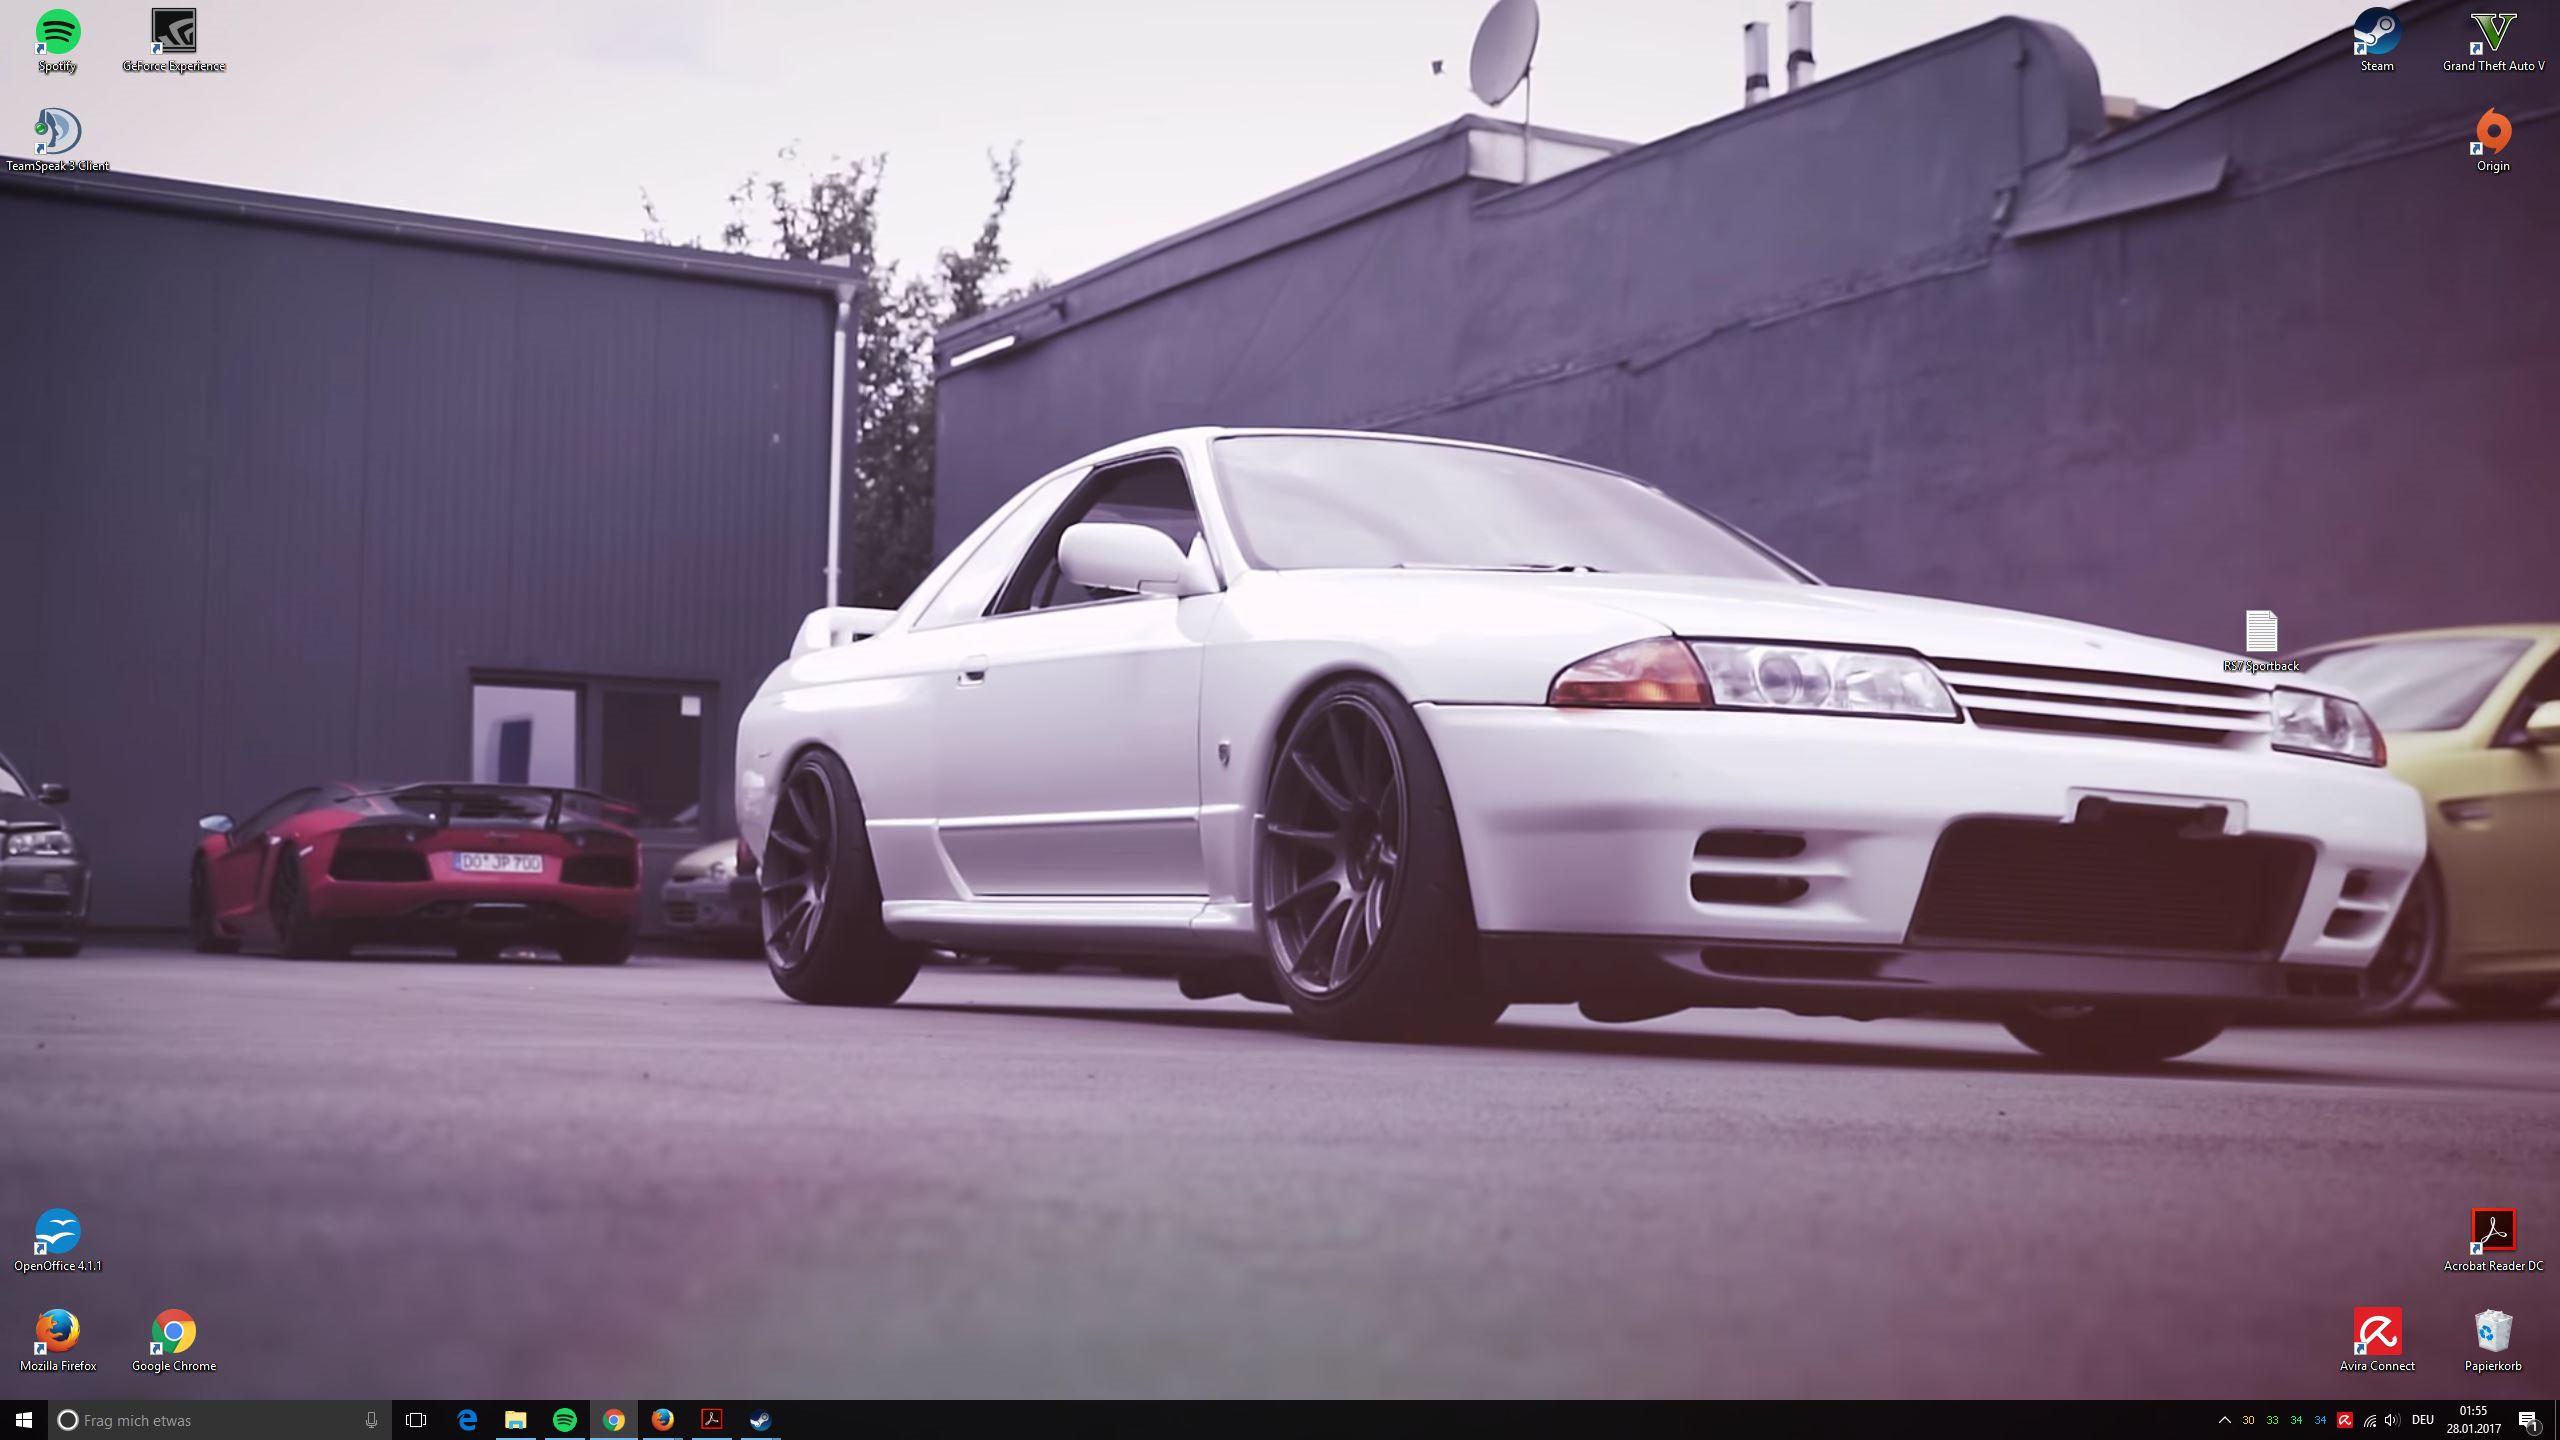 desktop0zxu2.jpg